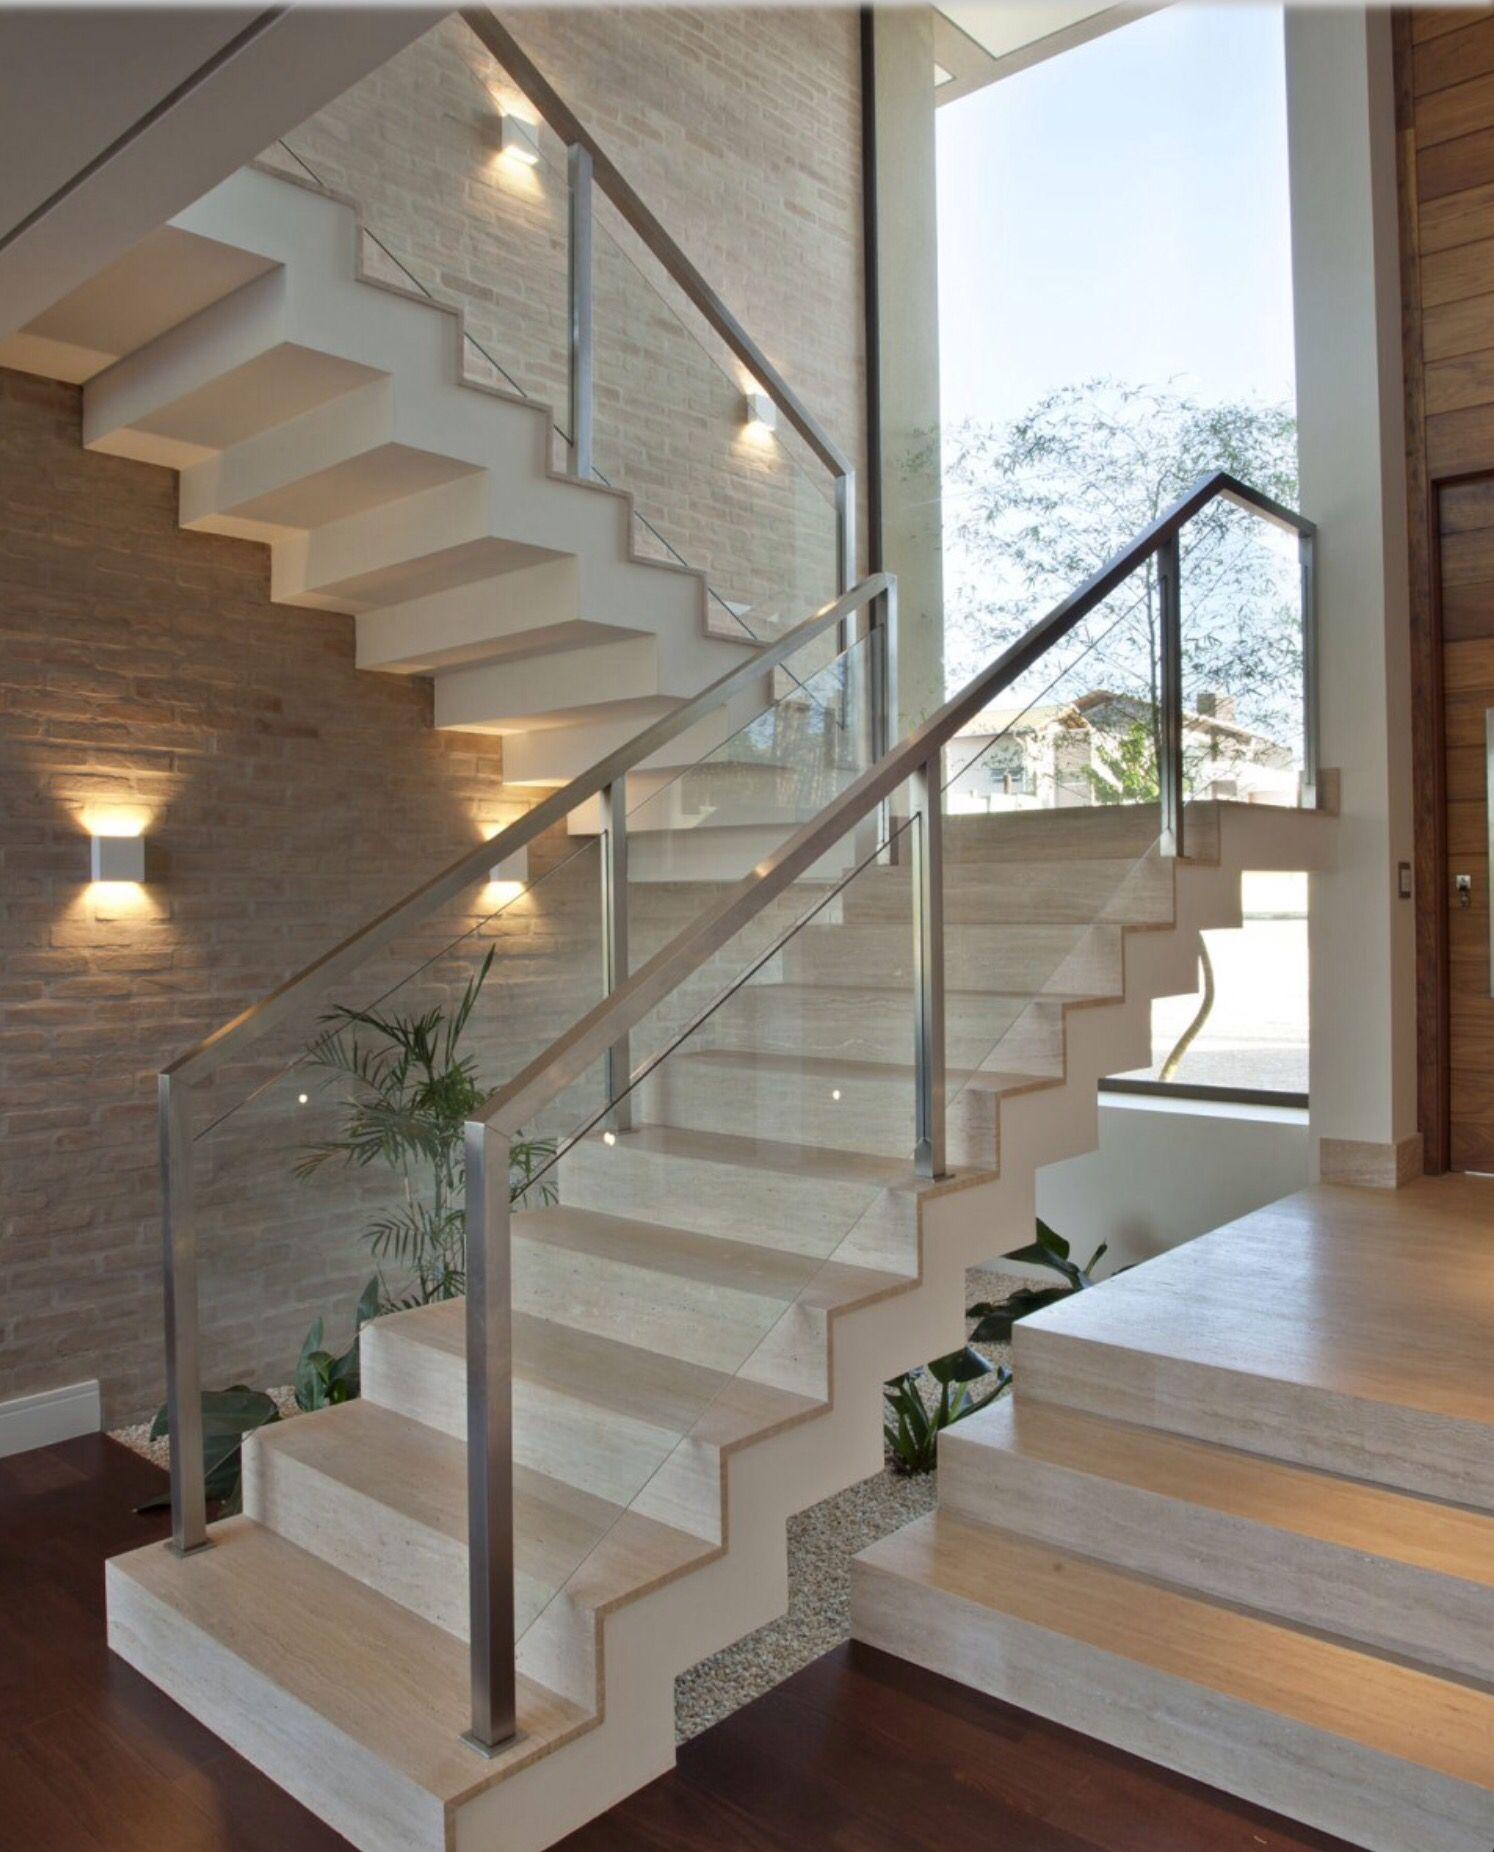 Malerisch Moderne Häuser Innen Foto Von Treppe, , Stiegen, Bau, Scheunen, Ideen, Treppen